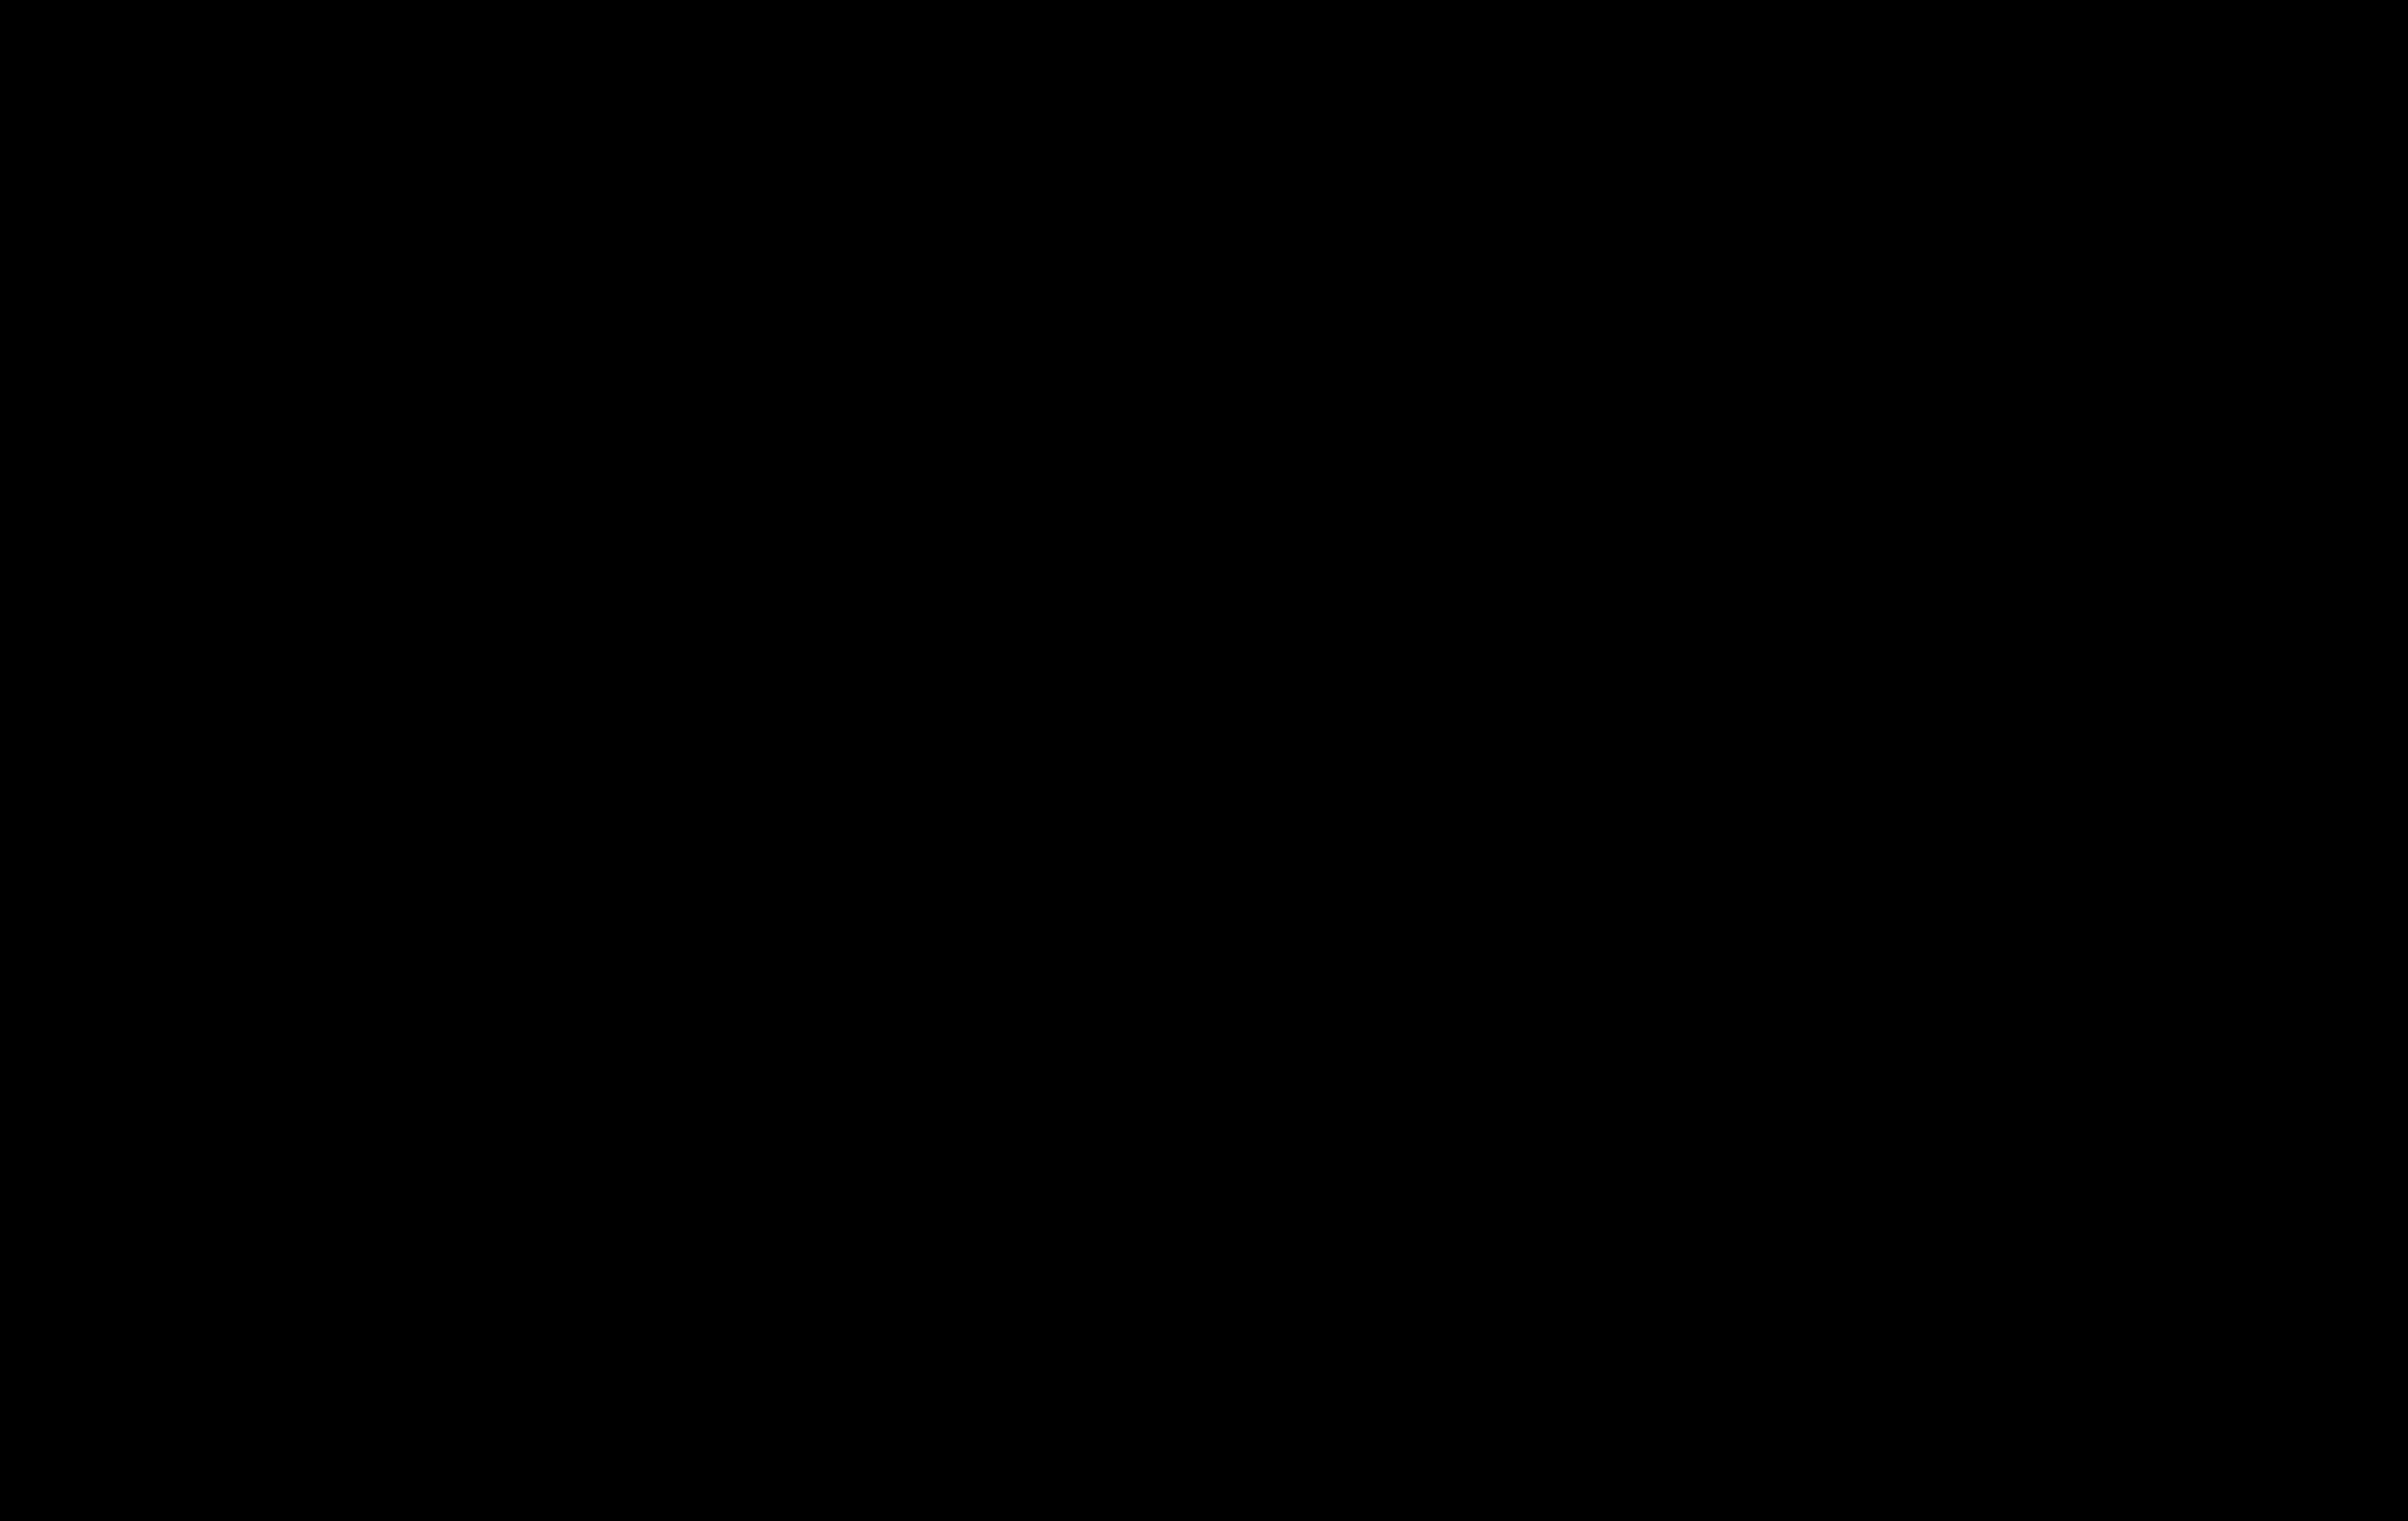 ©Académie des Langues Kanak